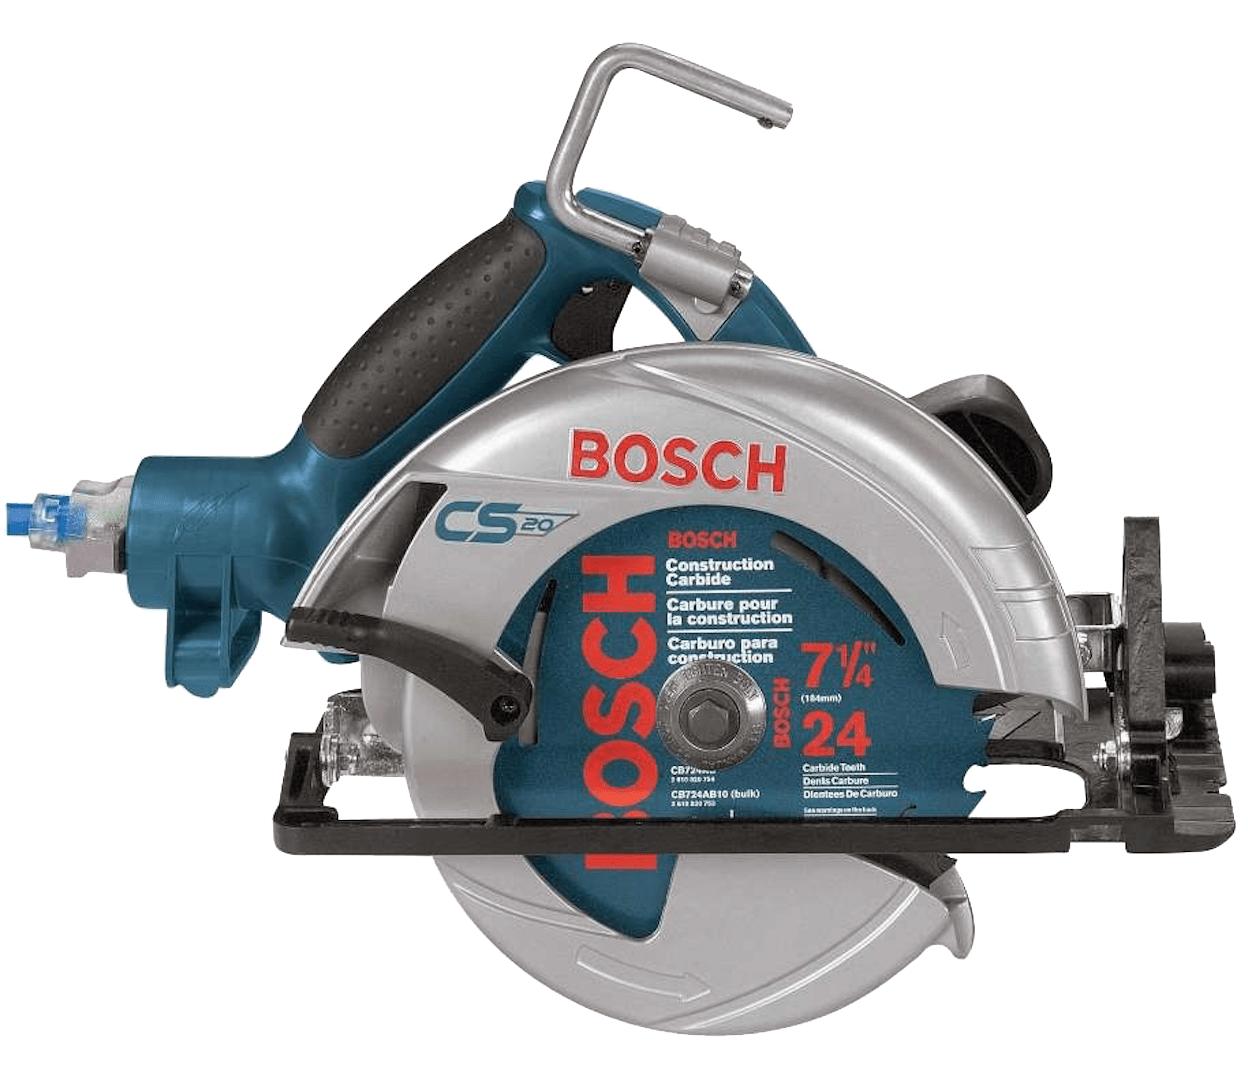 CS20 circular saw